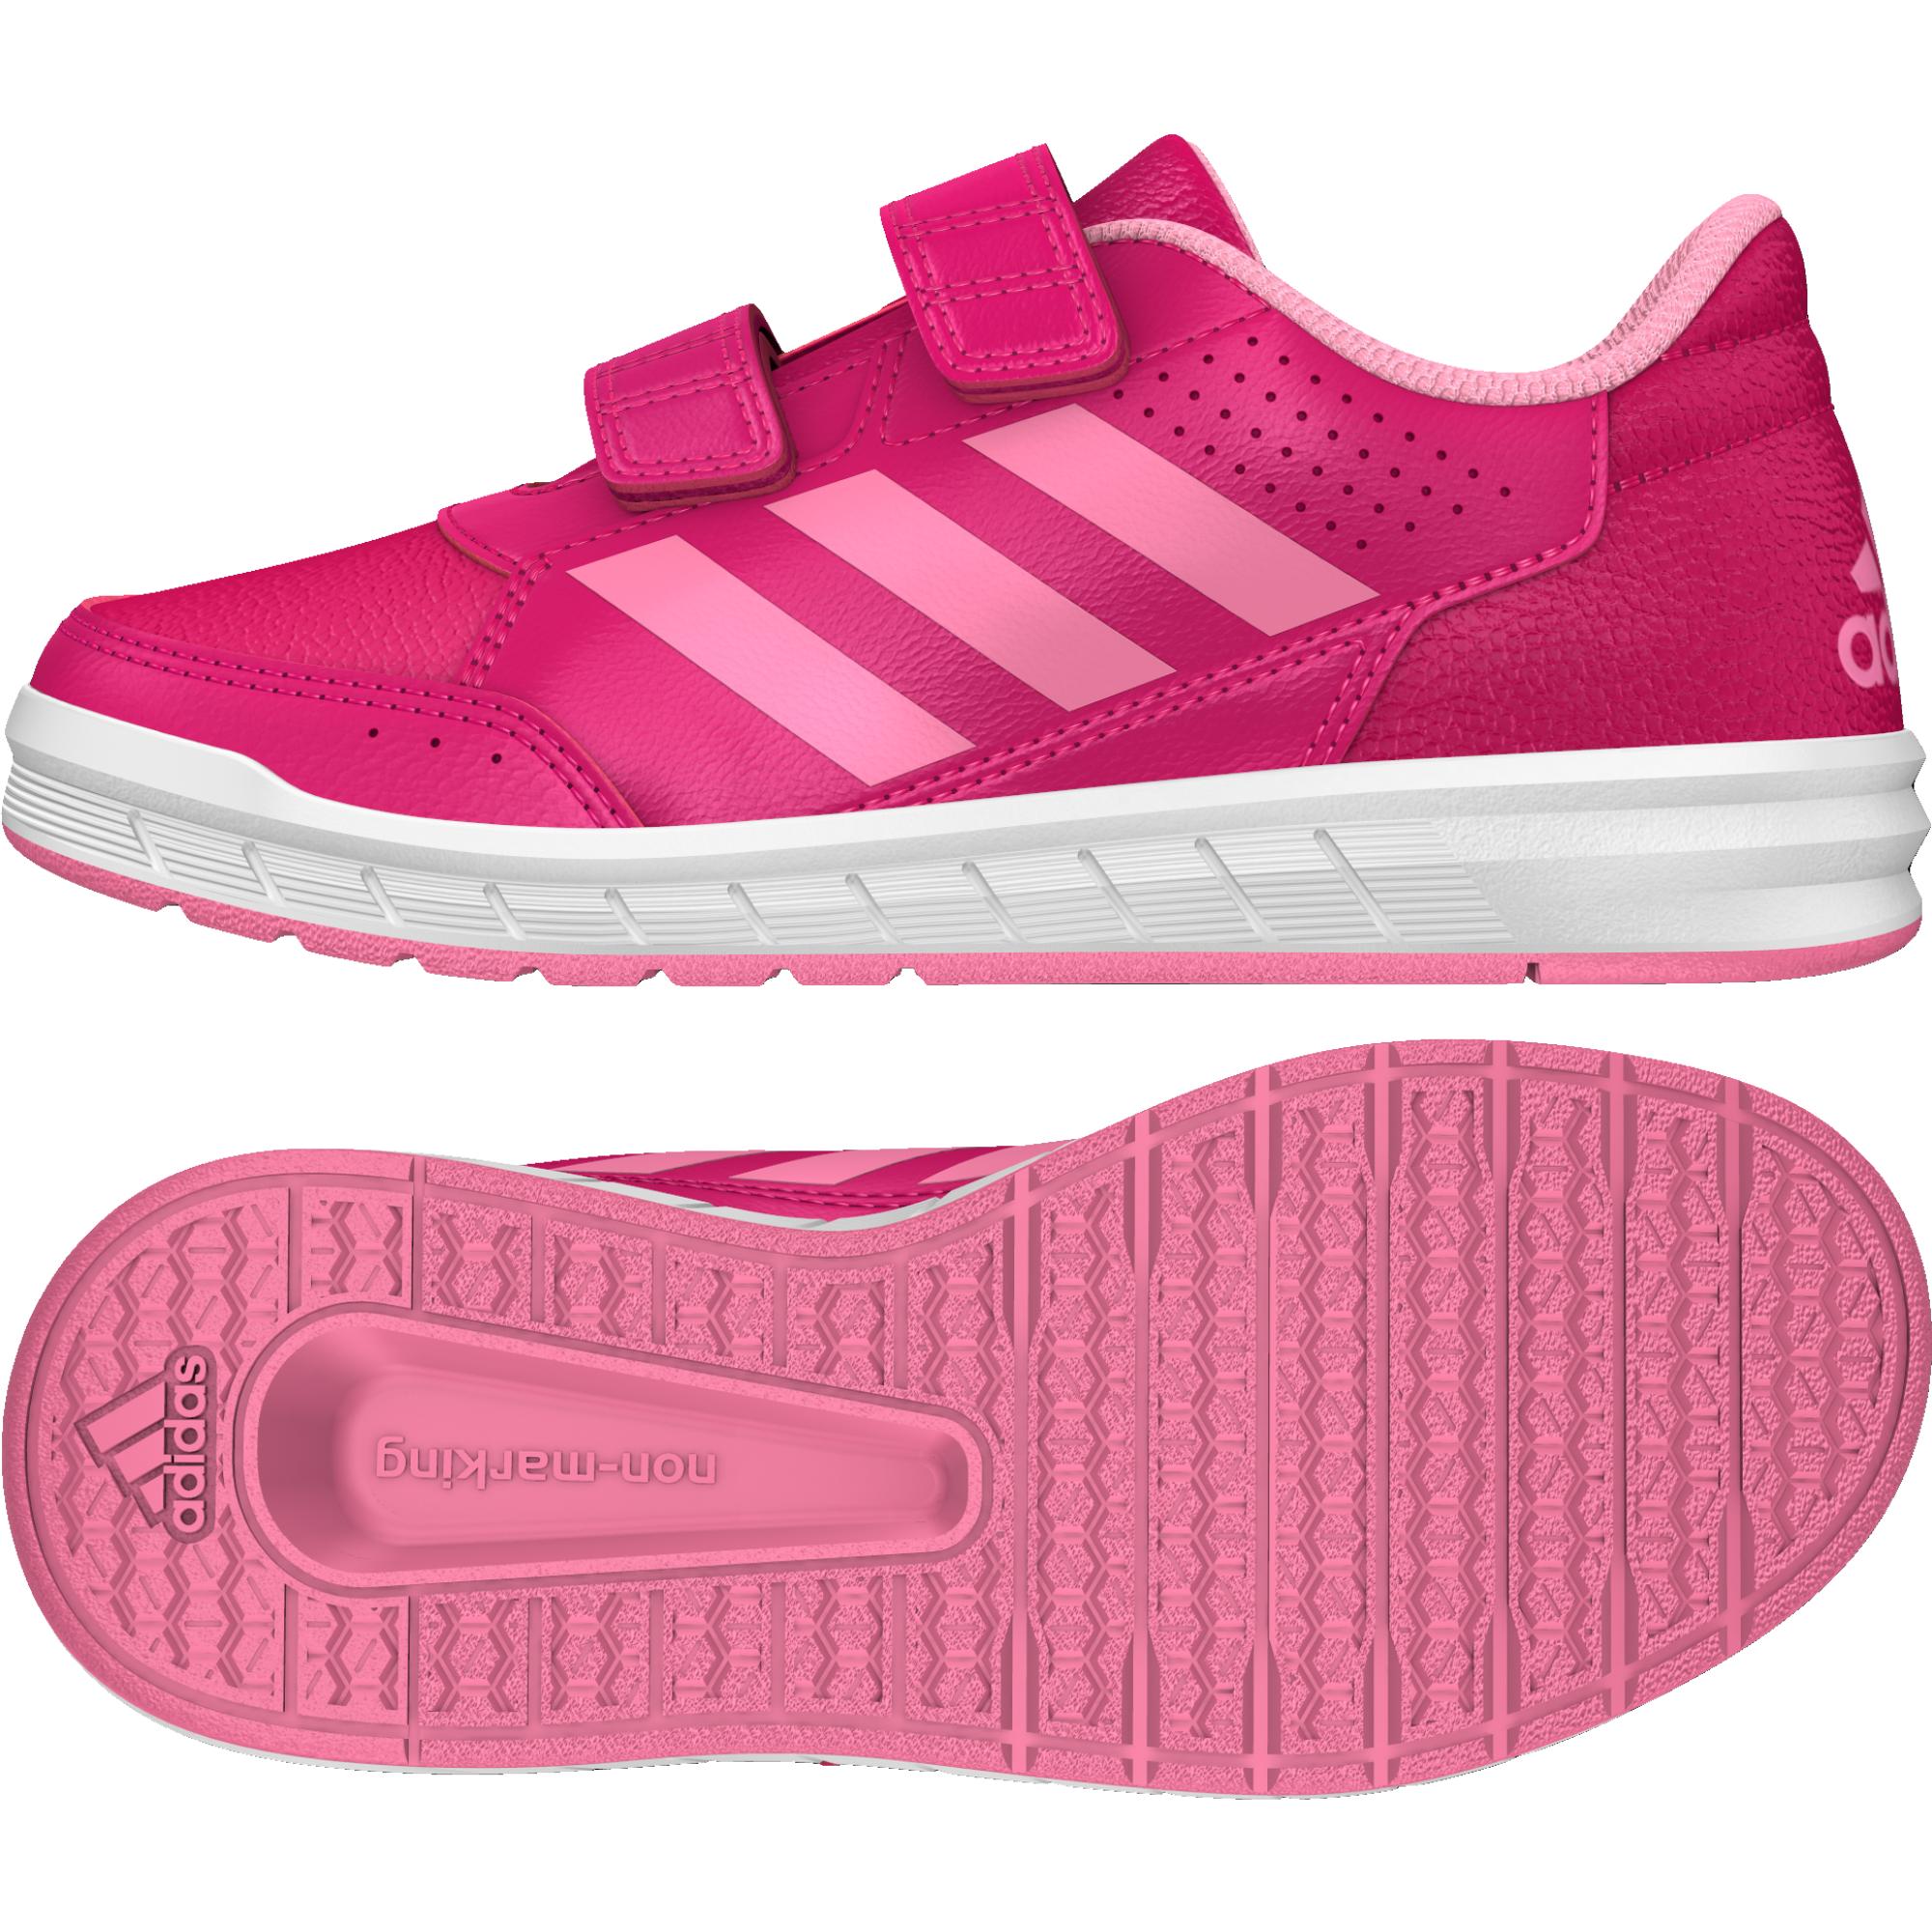 Cf Adidas Cipő K Kislány Altasport Gyerek FutócipőLány rBdoCxWe